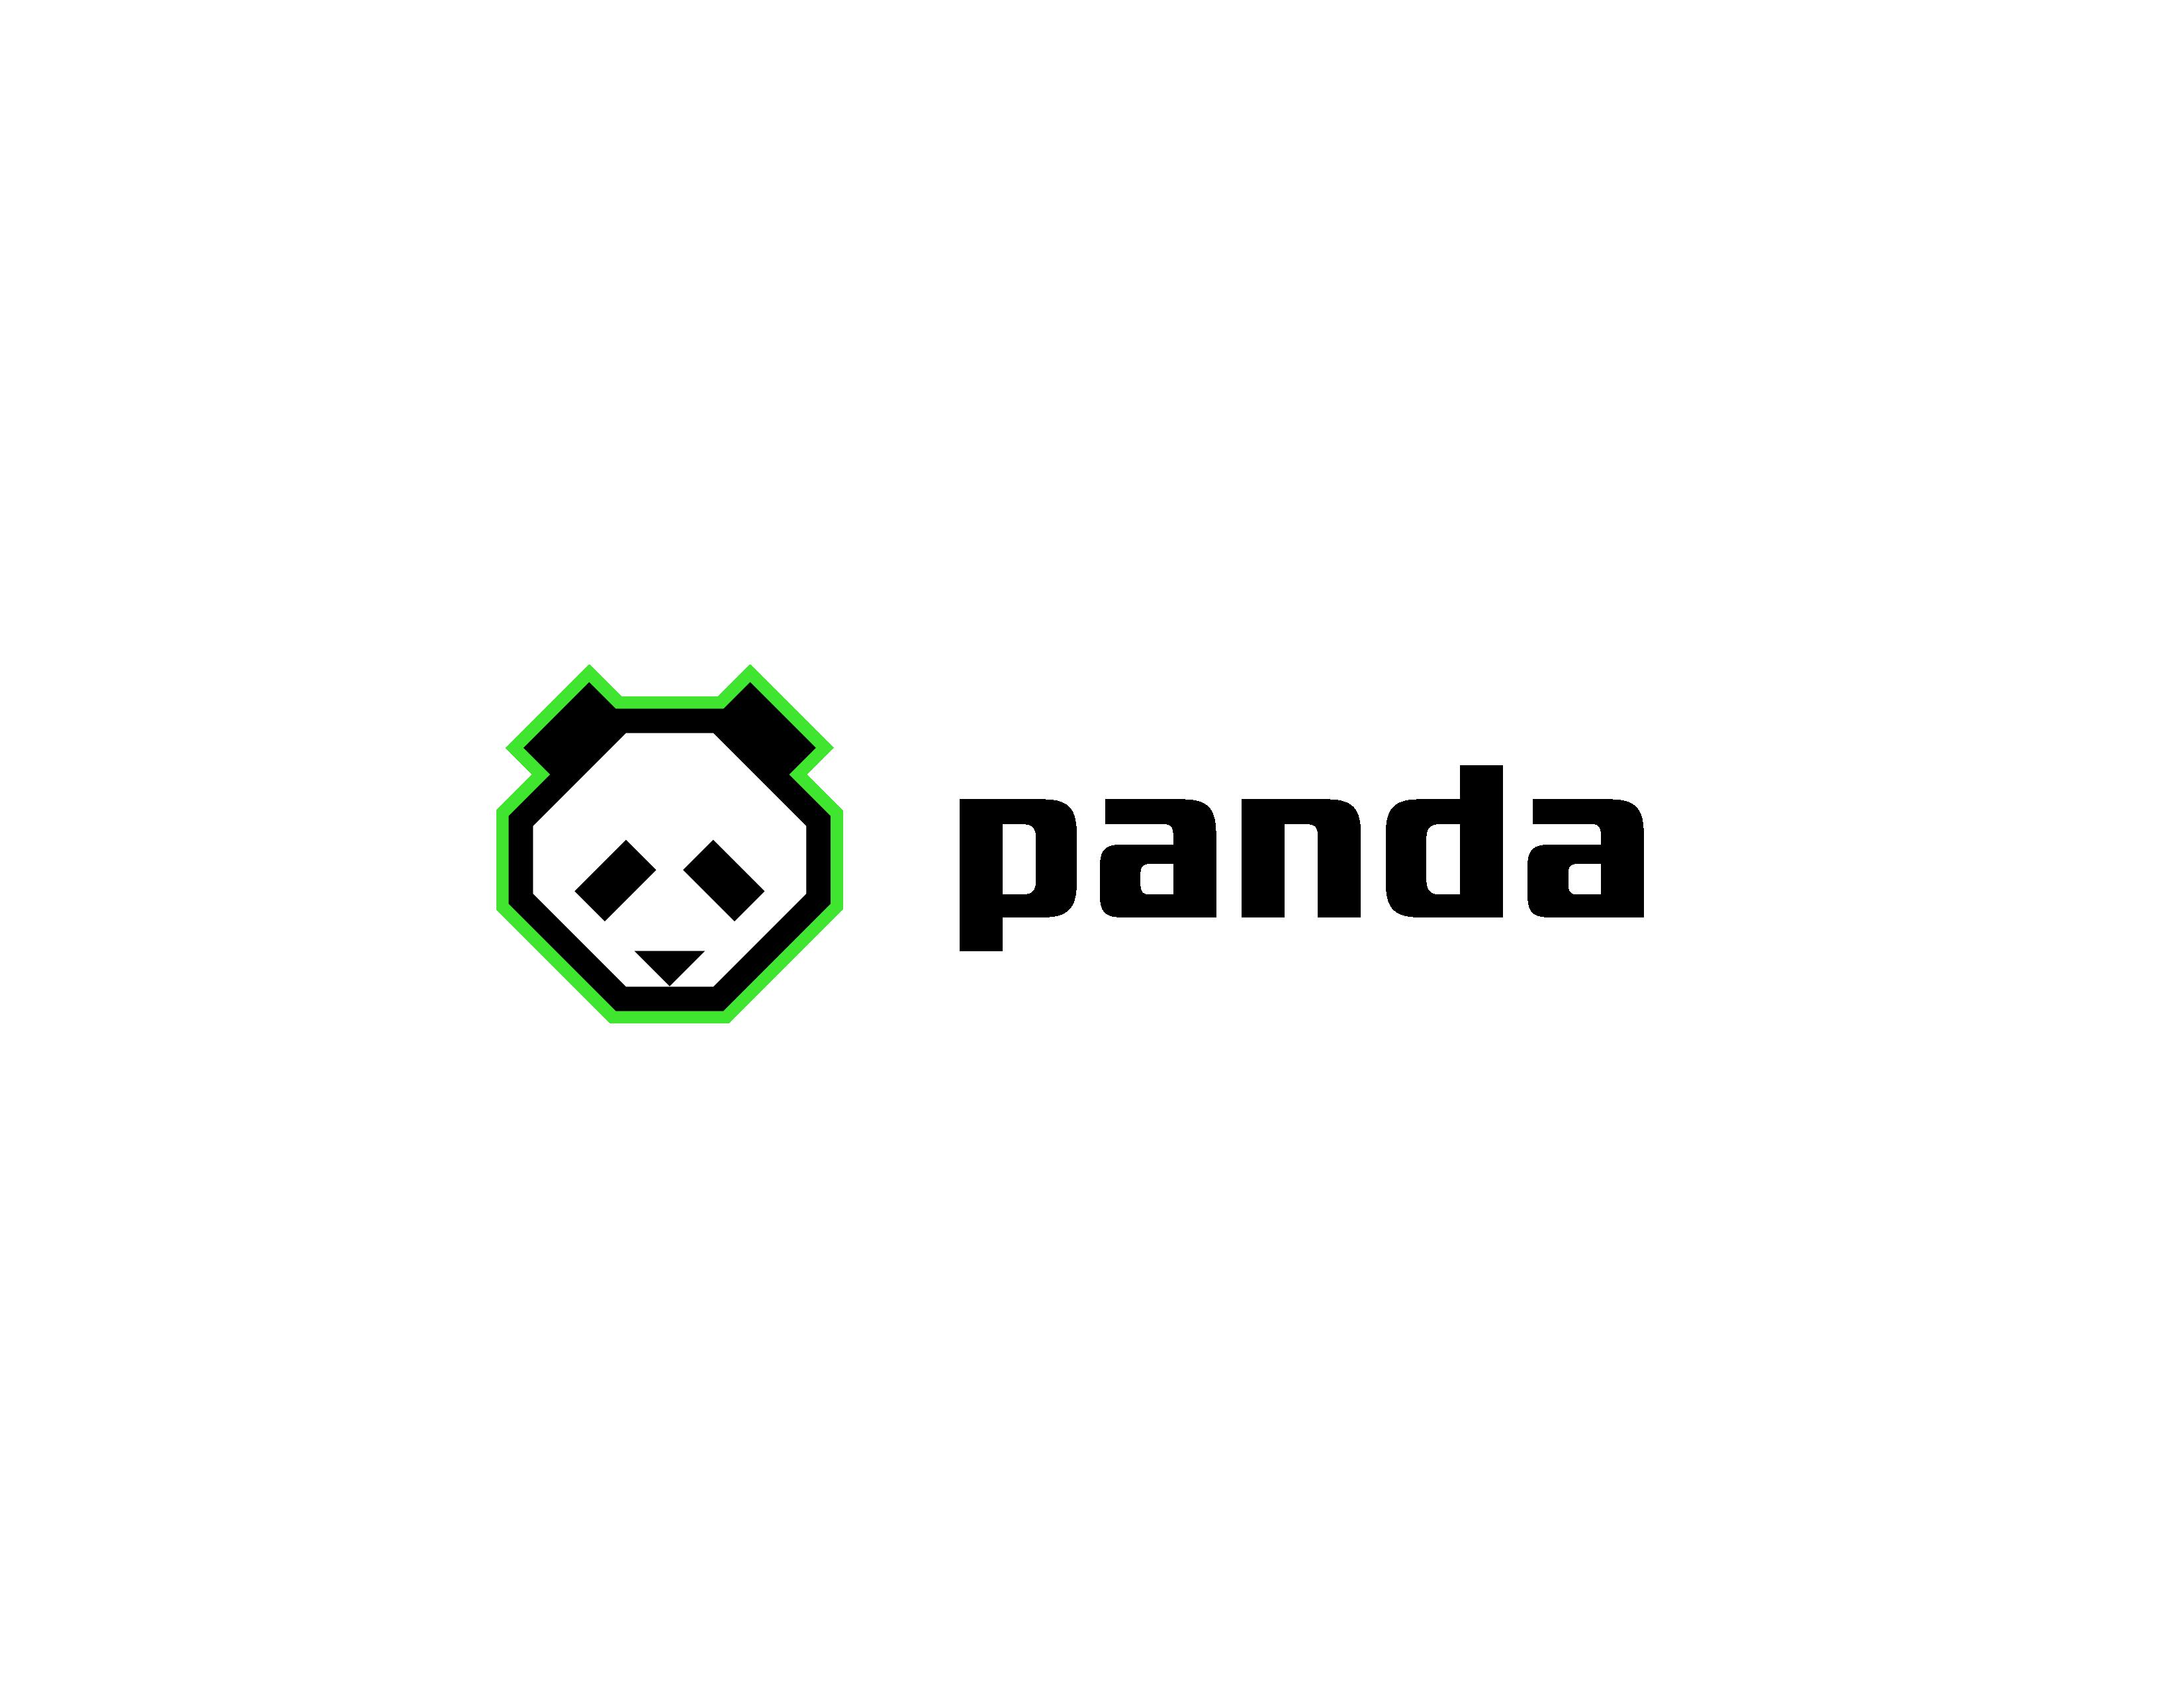 Panda_HorizontalLogo_wR_RGB_Logo.png